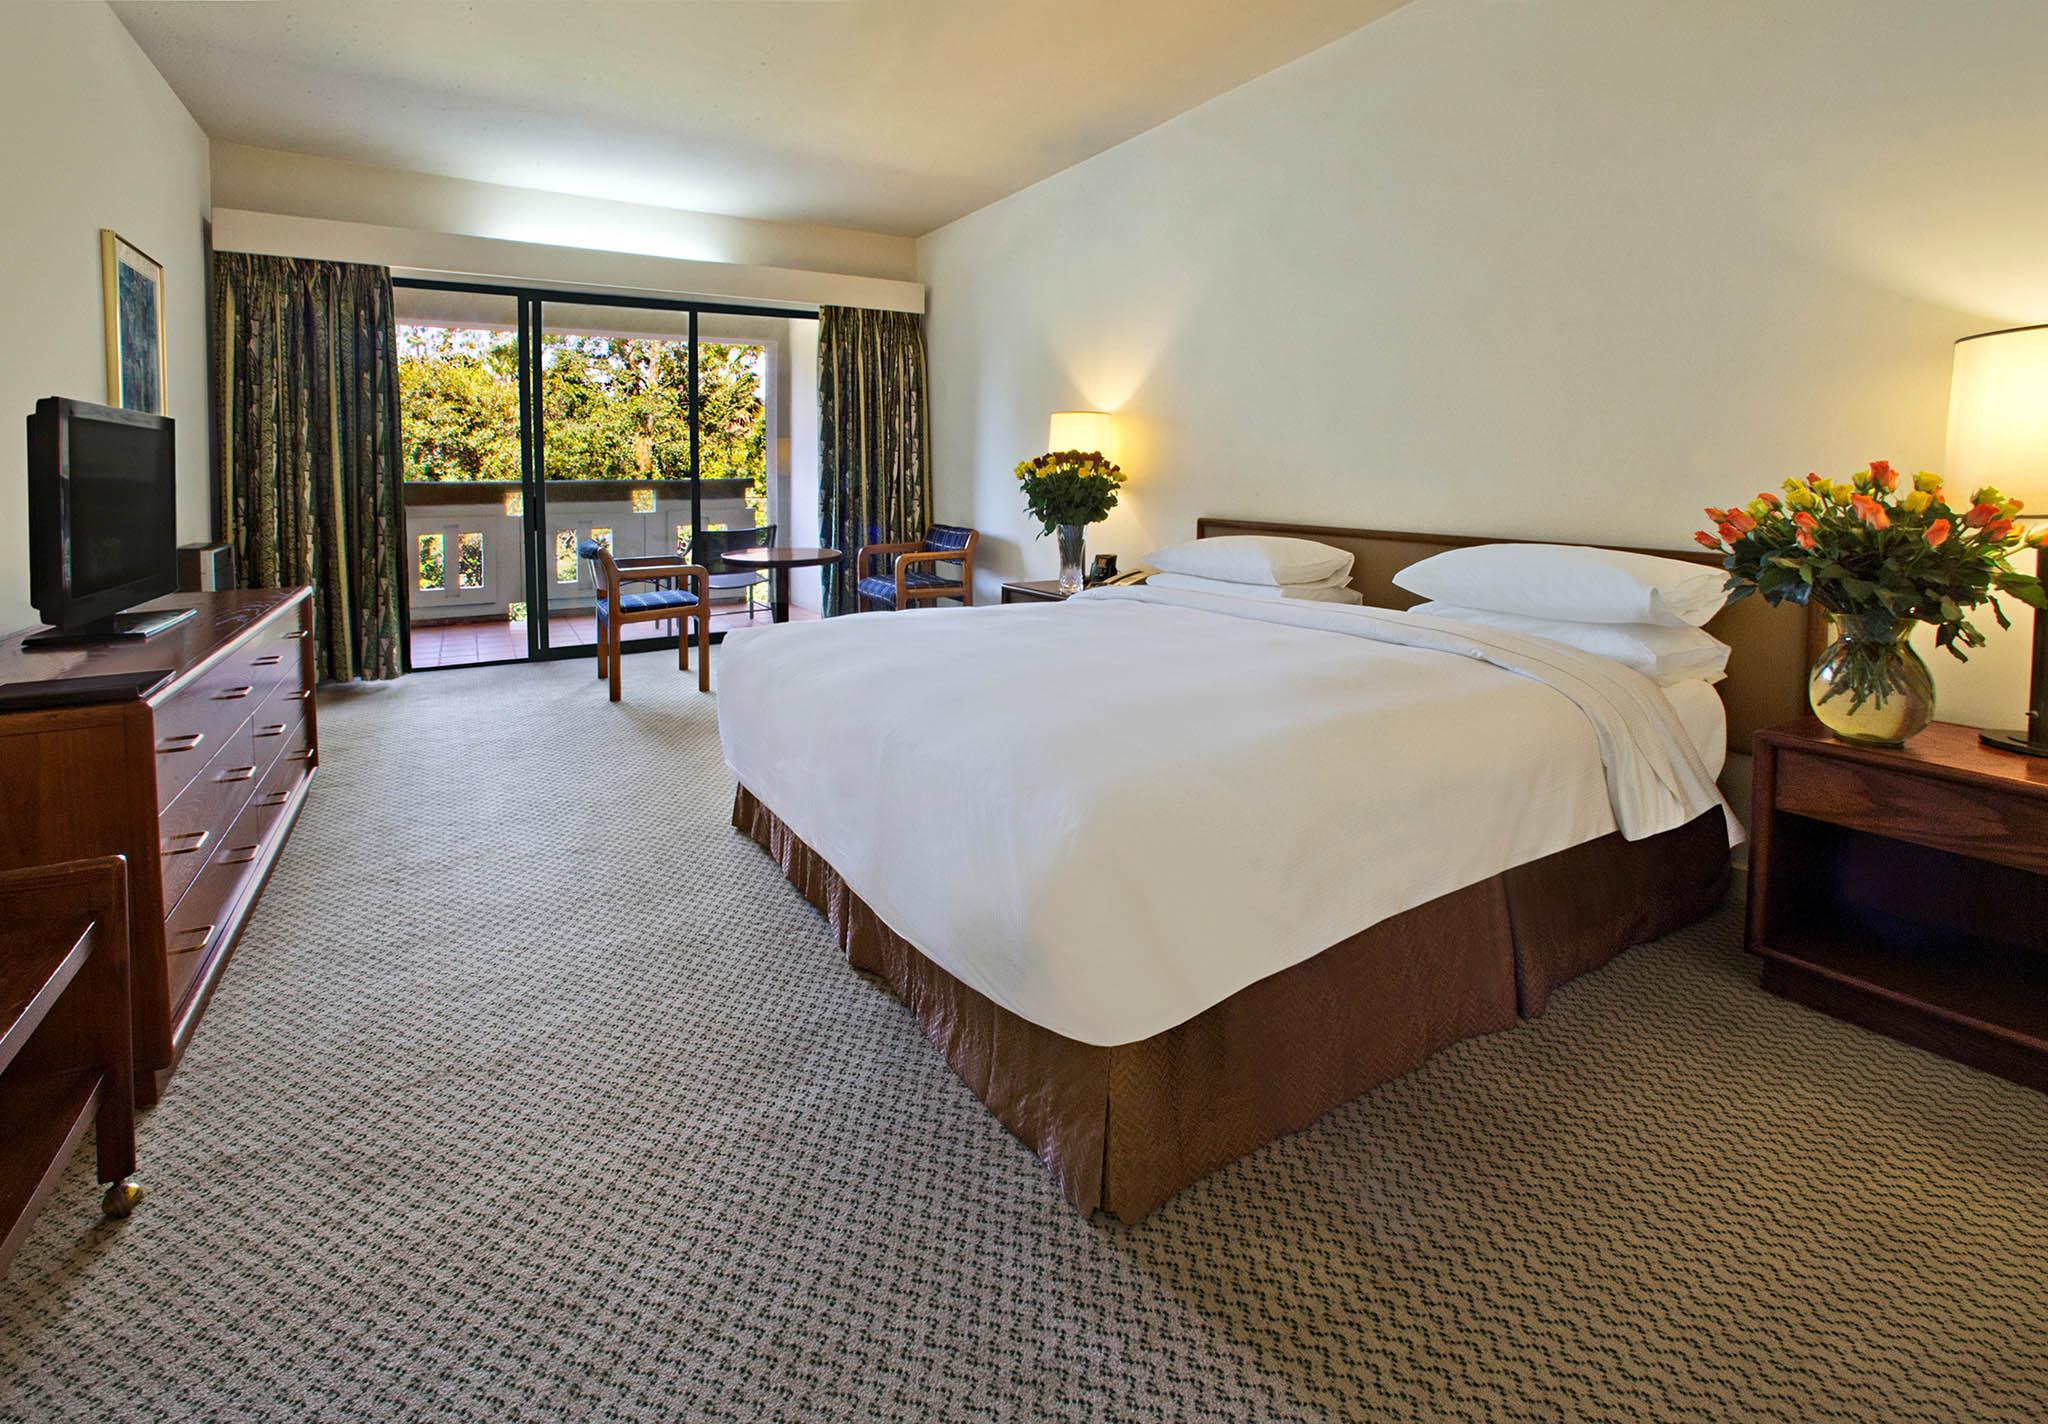 addis abeba hotels – hilton addis ababa – hotels in addis abeba, Hause deko